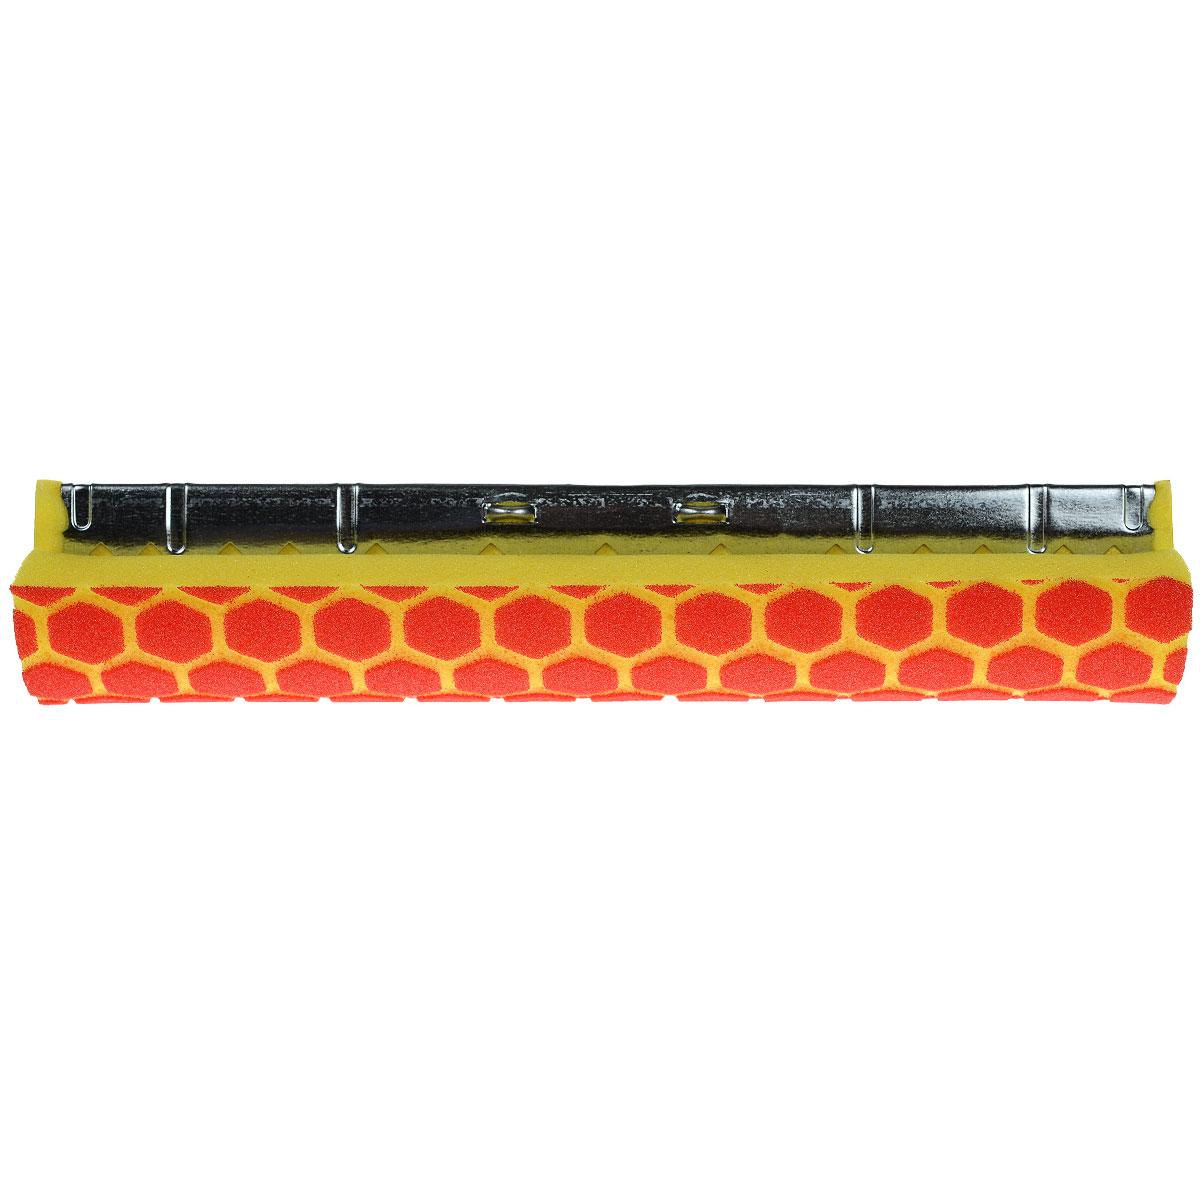 Губка сменная Libman Nitty Gritty, длина 30 см00956Сменная губка Libman Nitty Gritty для роликовой швабры выполнена из износоустойчивого полиэстера с объемным рисунком соты для лучшего удержания загрязнений. Губка присоединена к надежному металлическому креплению для швабры. С губкой Libman Nitty Gritty уборка станет эффективнее и приятнее. Характеристики: Материал: полиэстер, металл. Цвет: желтый, красный. Длина губки: 30 см. Ширина губки: 8 см. Размер упаковки: 30 см x 8 см x 6 см. Артикул: 00956.